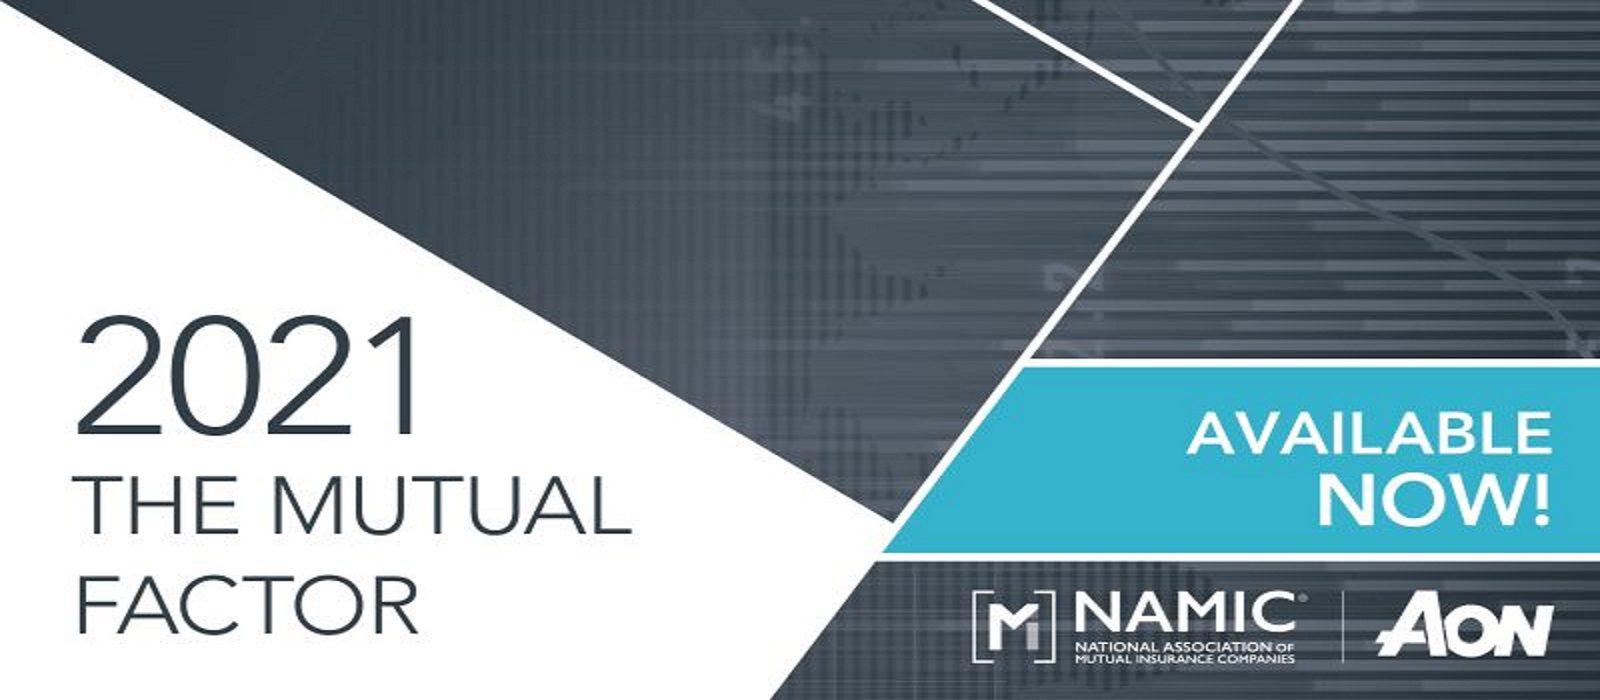 NAMIC Mutual Factor report 2021